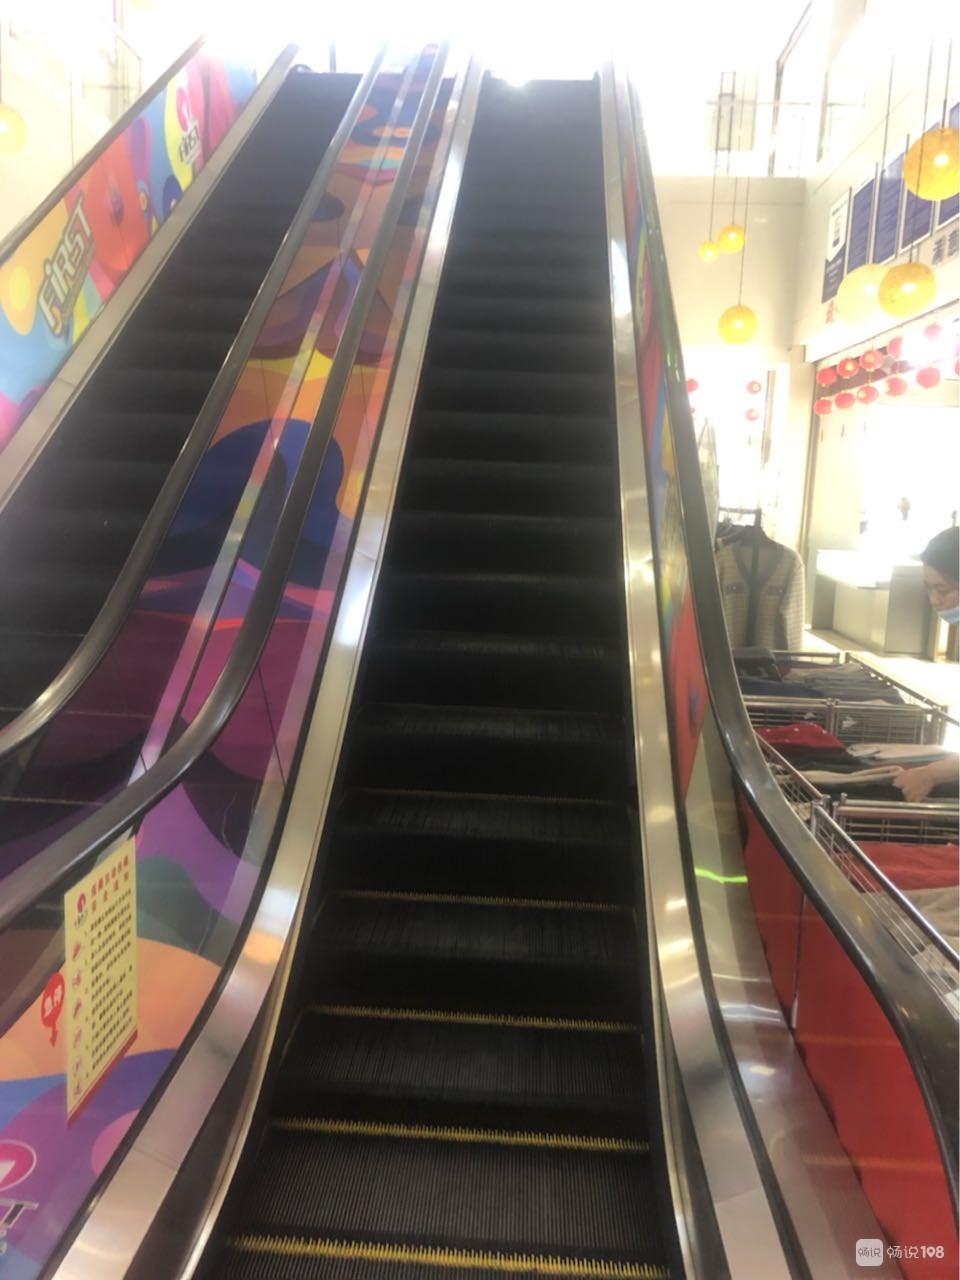 怎么回事?舟山这大商场下楼的扶梯全停了?老年人吃不消